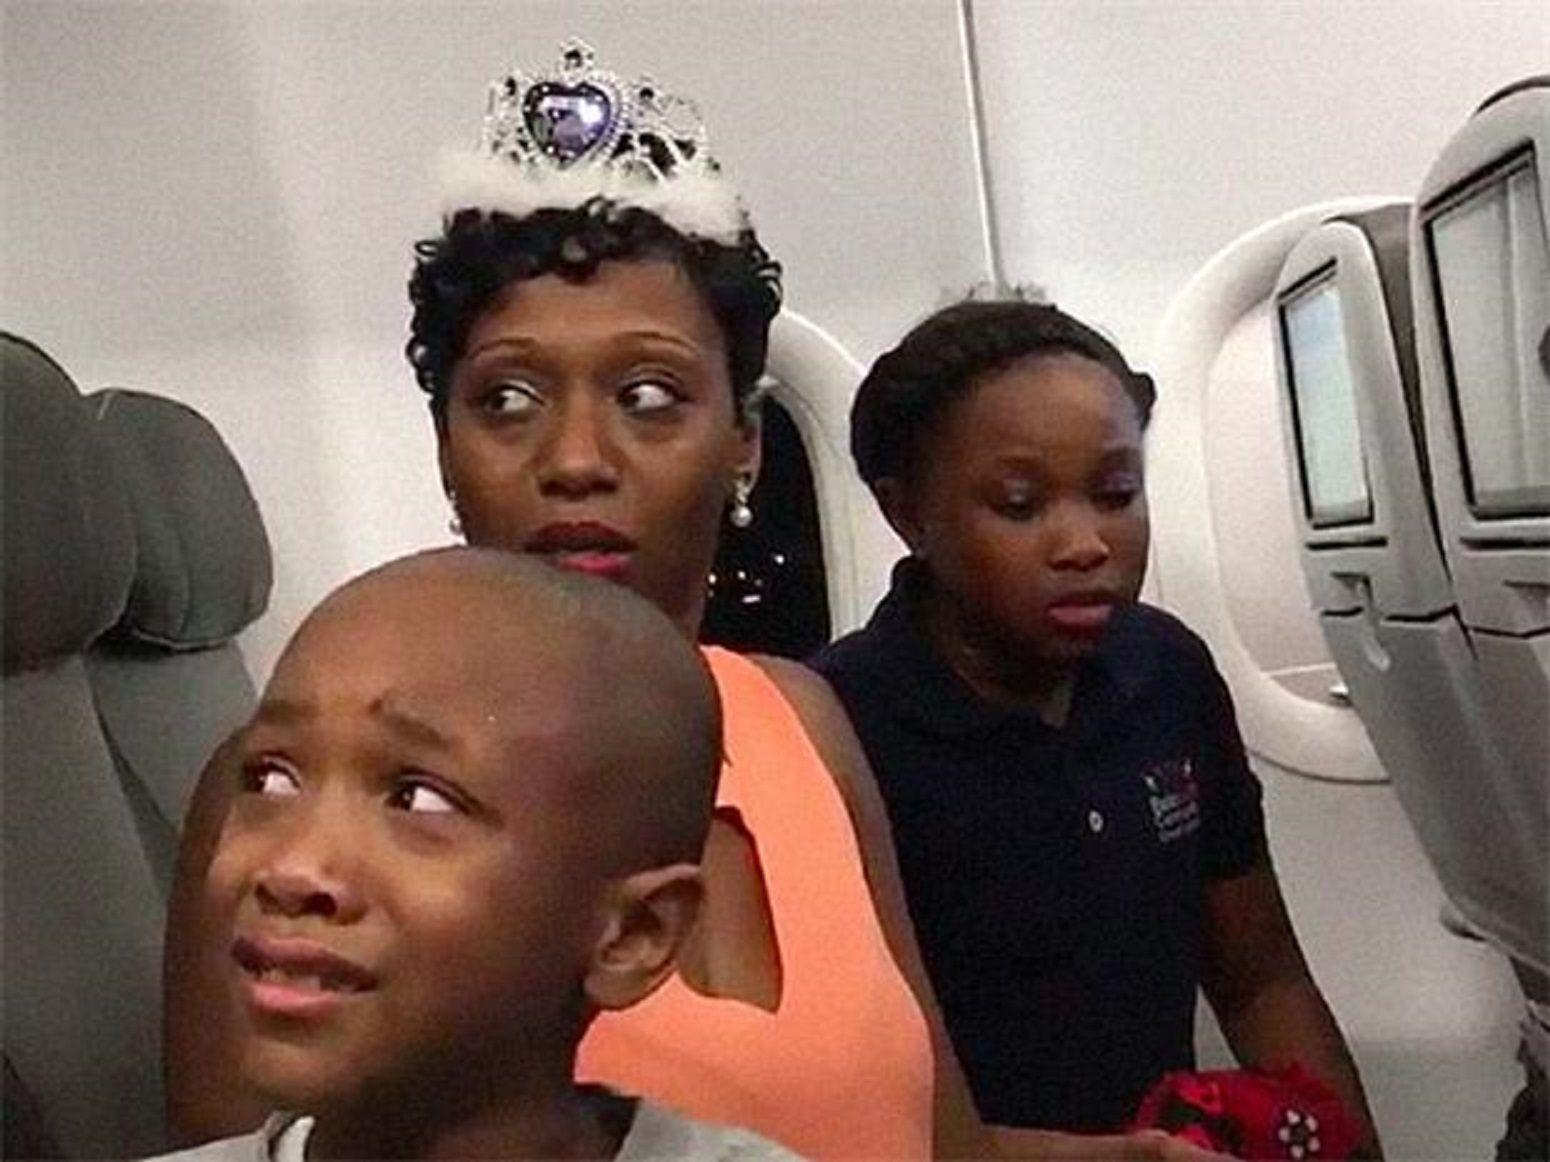 Echaron a una familia de un avión por una torta de cumpleaños